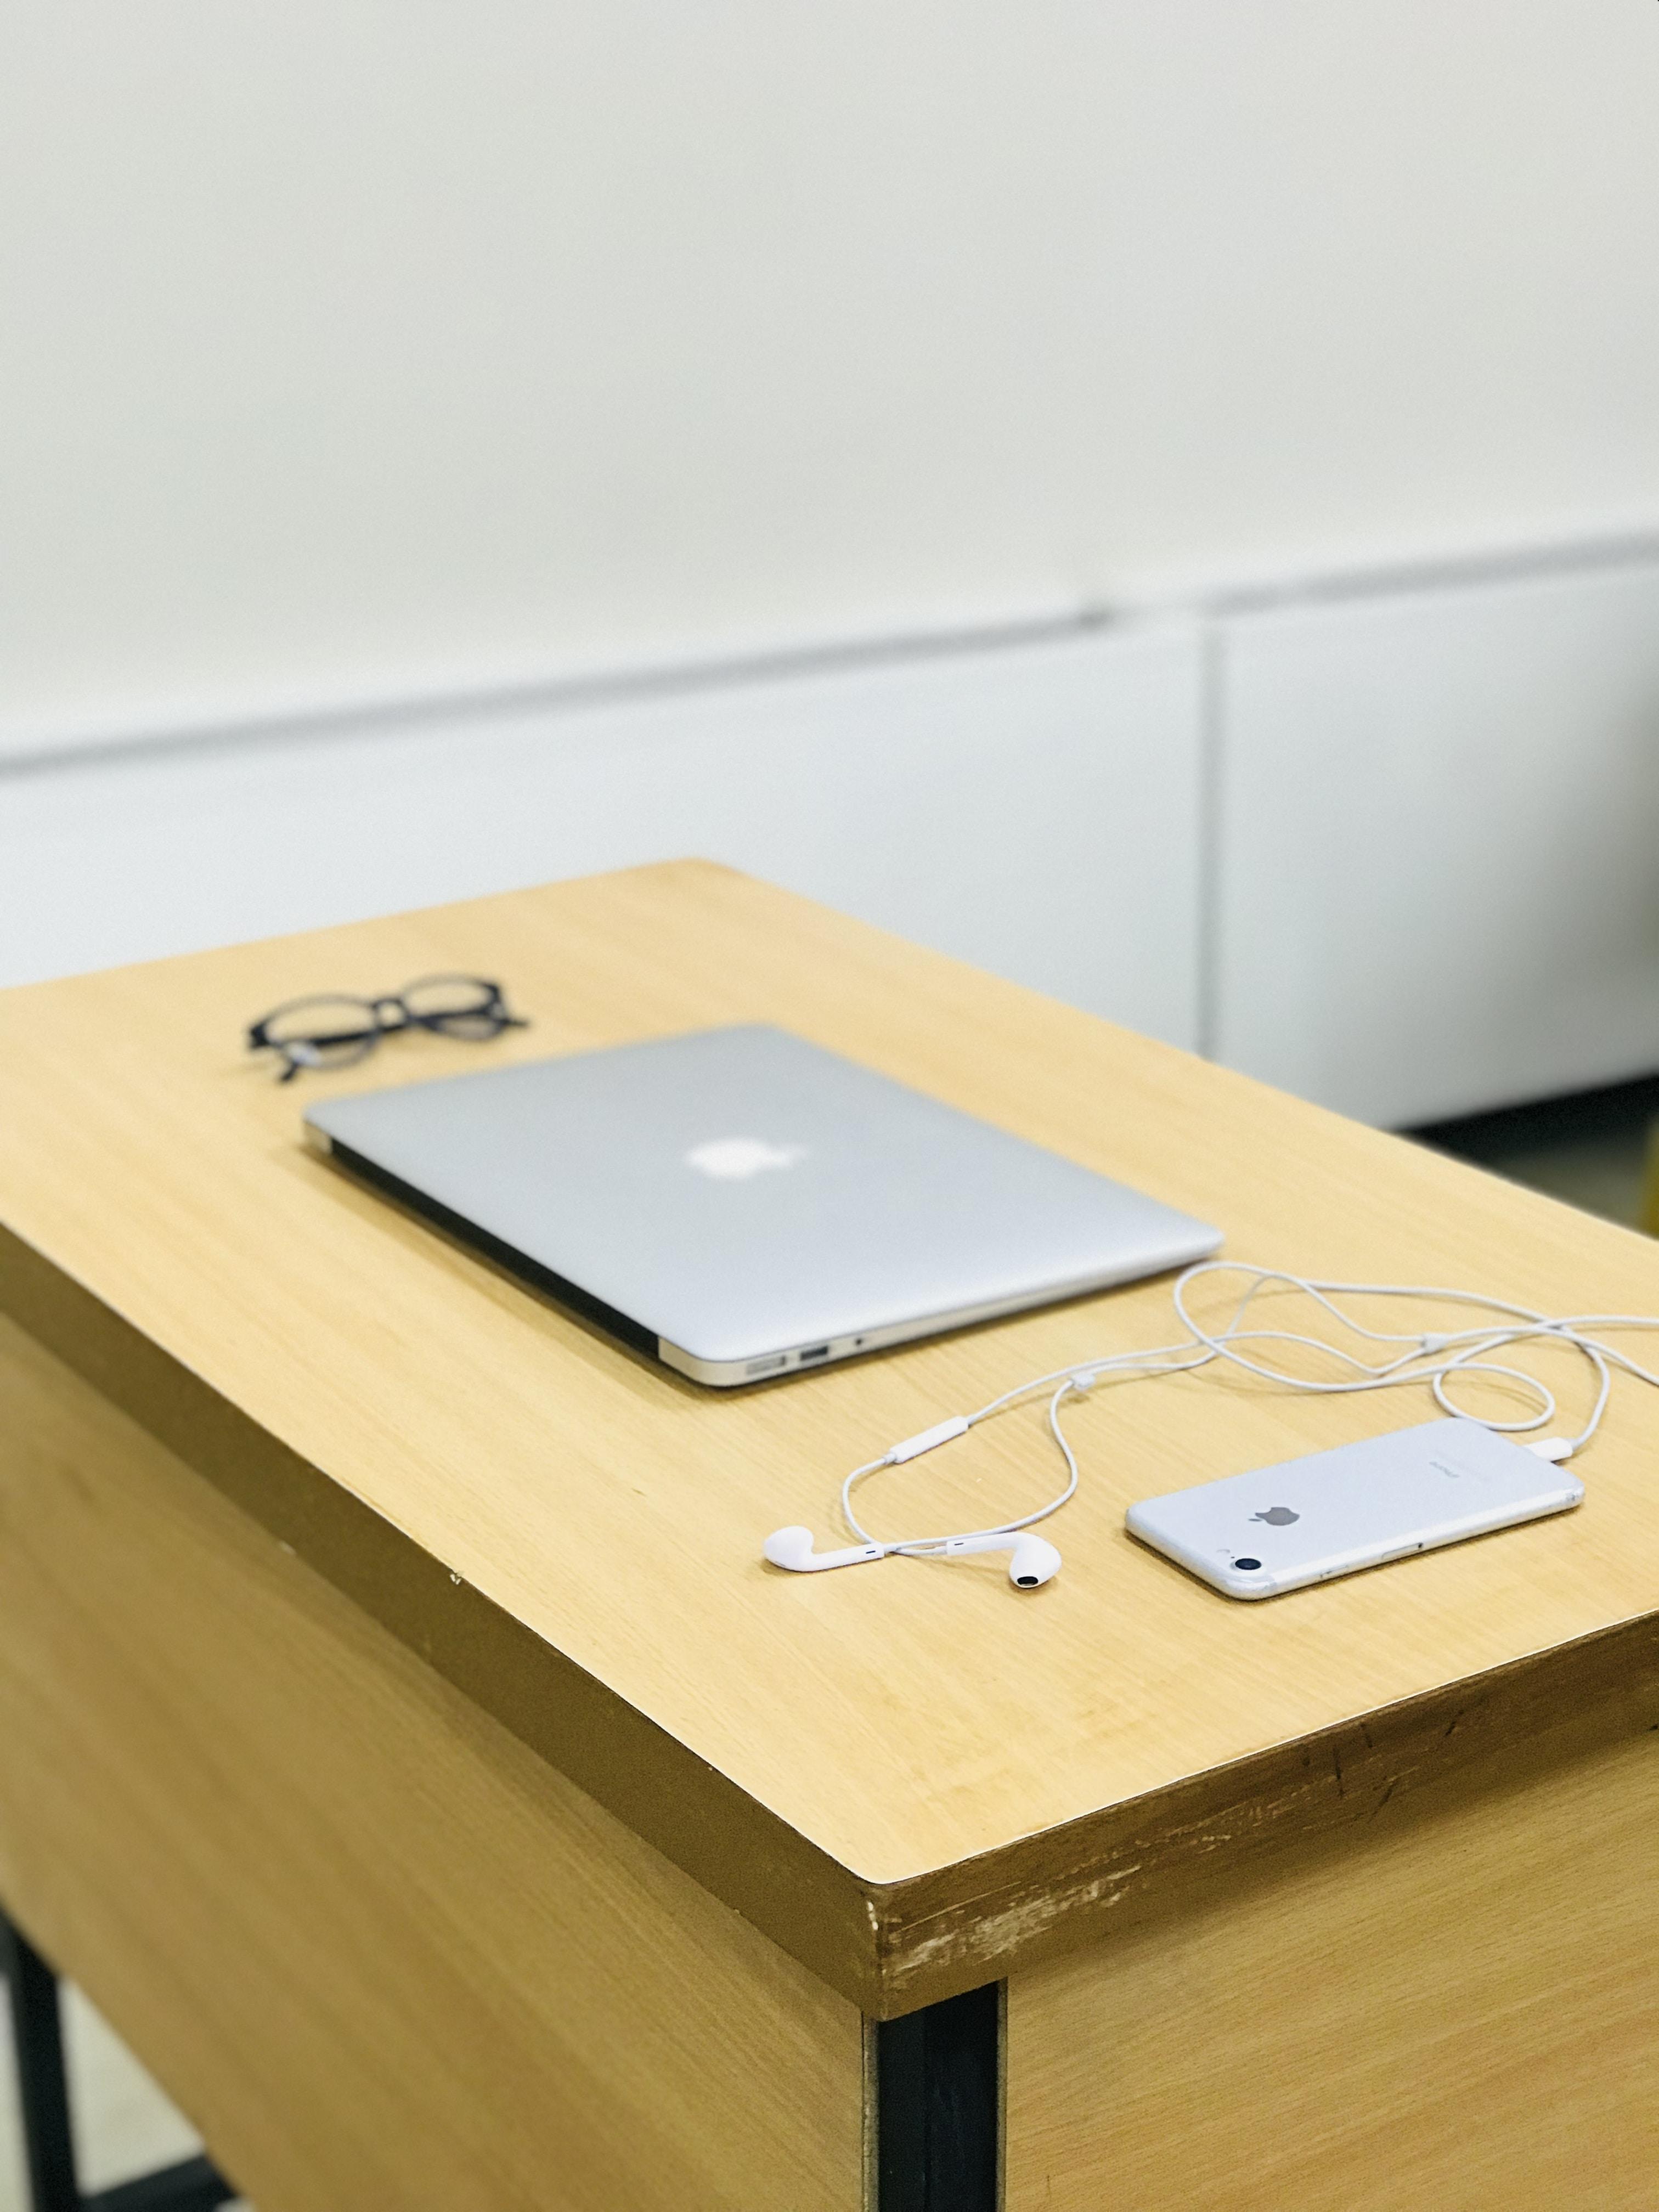 silver MacBook beside eyeglasses and iPhone